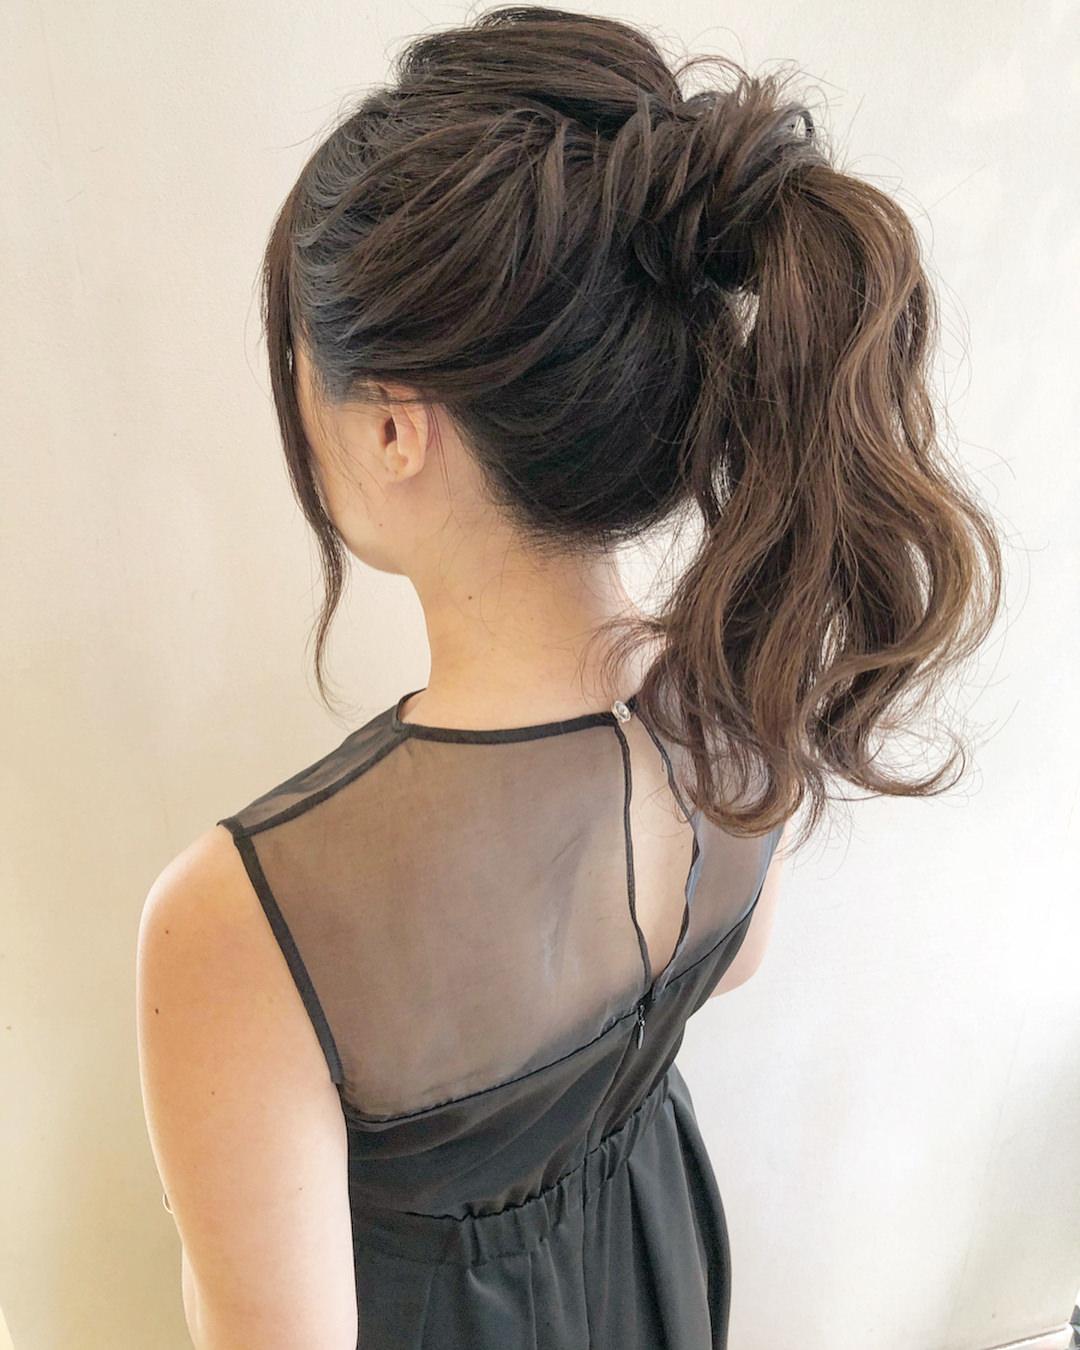 【保存版】トレンドの可愛いヘアスタイル・髪型47選大発表!52